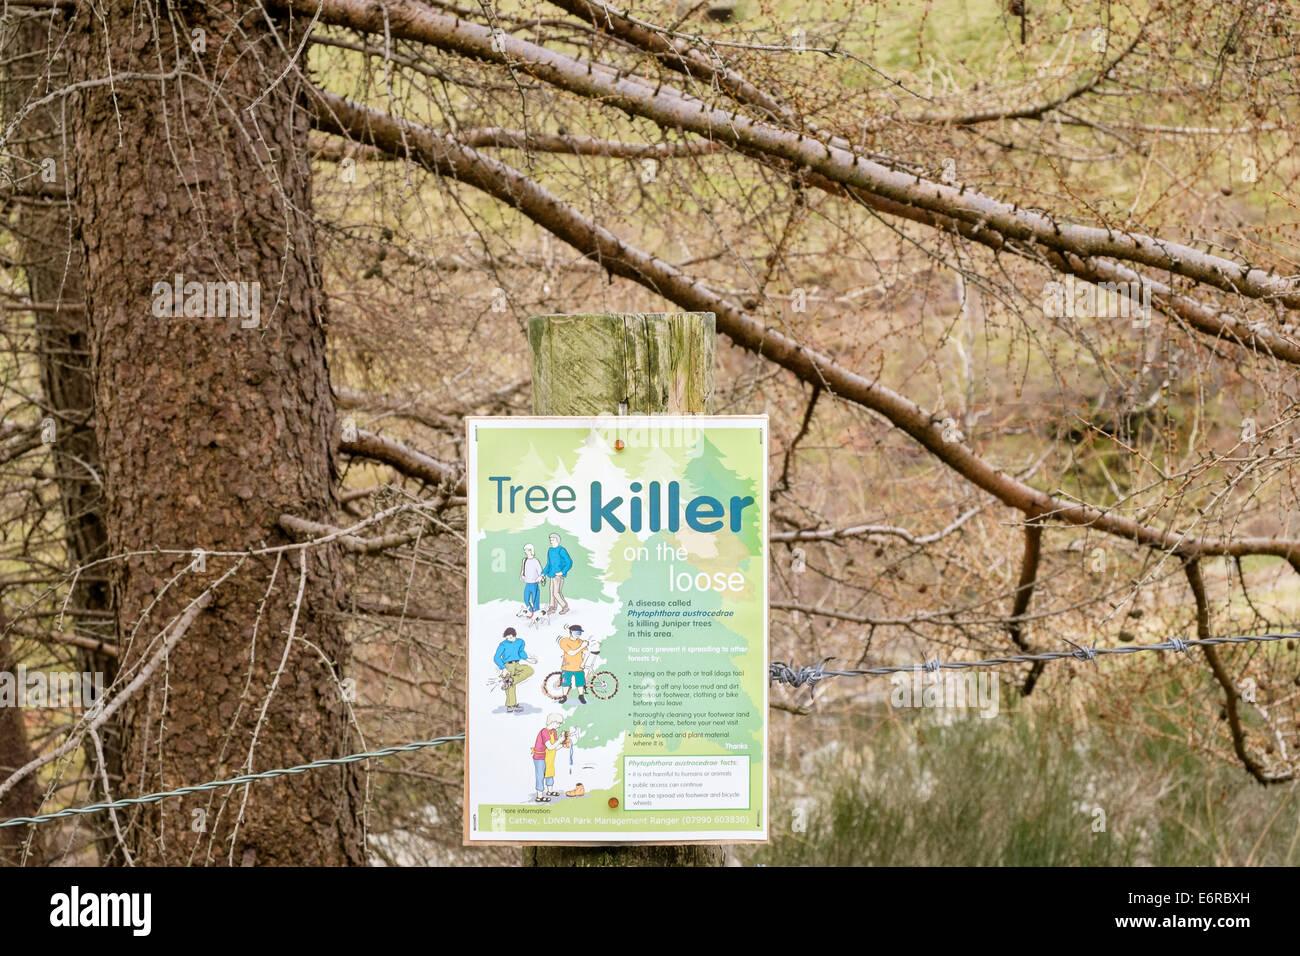 Schild Warnung vor Baum killer Phytophthora Austrocedrae Krankheit tötet Wacholderbäumen im Lake District Stockbild